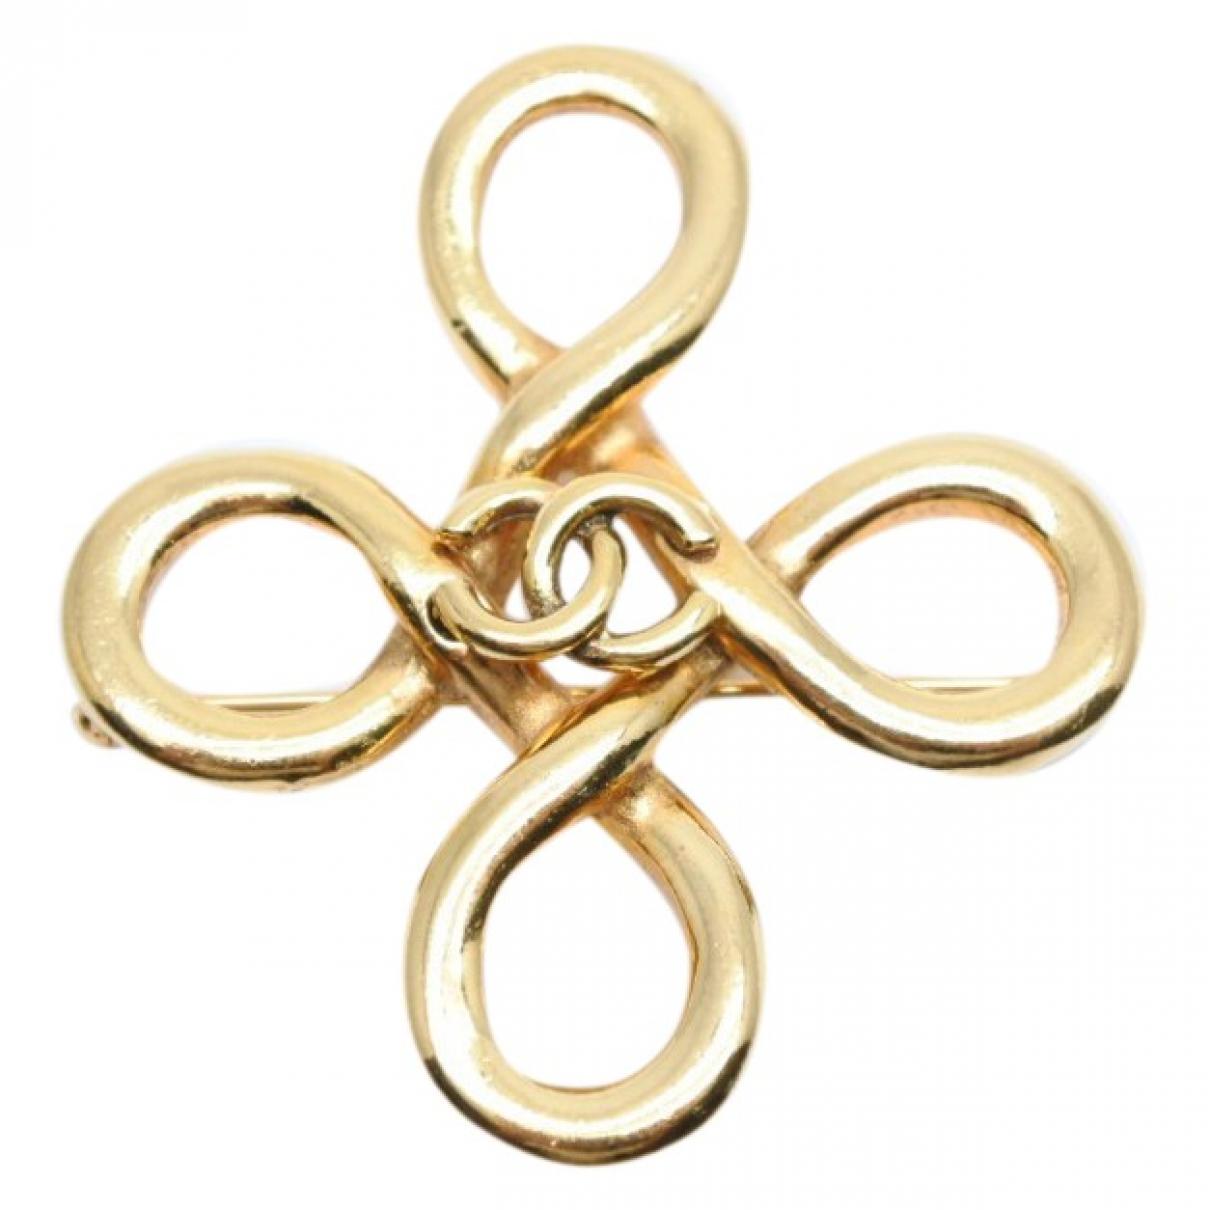 Broche CC en Metal Dorado Chanel